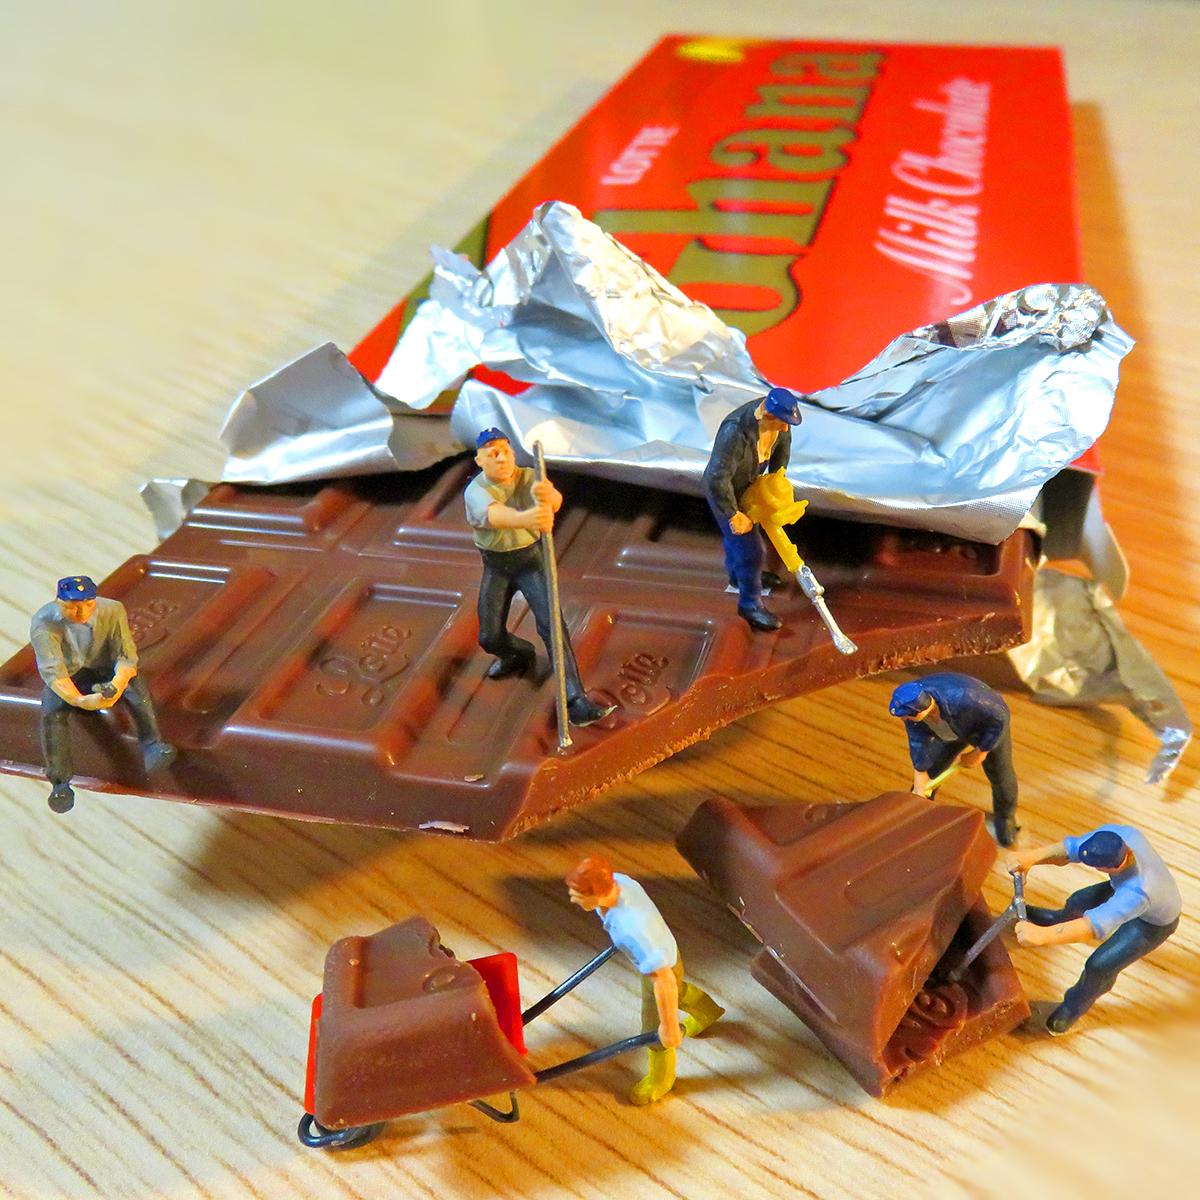 バレンタインデー間近!ガーナのチョコレートを割りチョコに工事するロッテの作業員